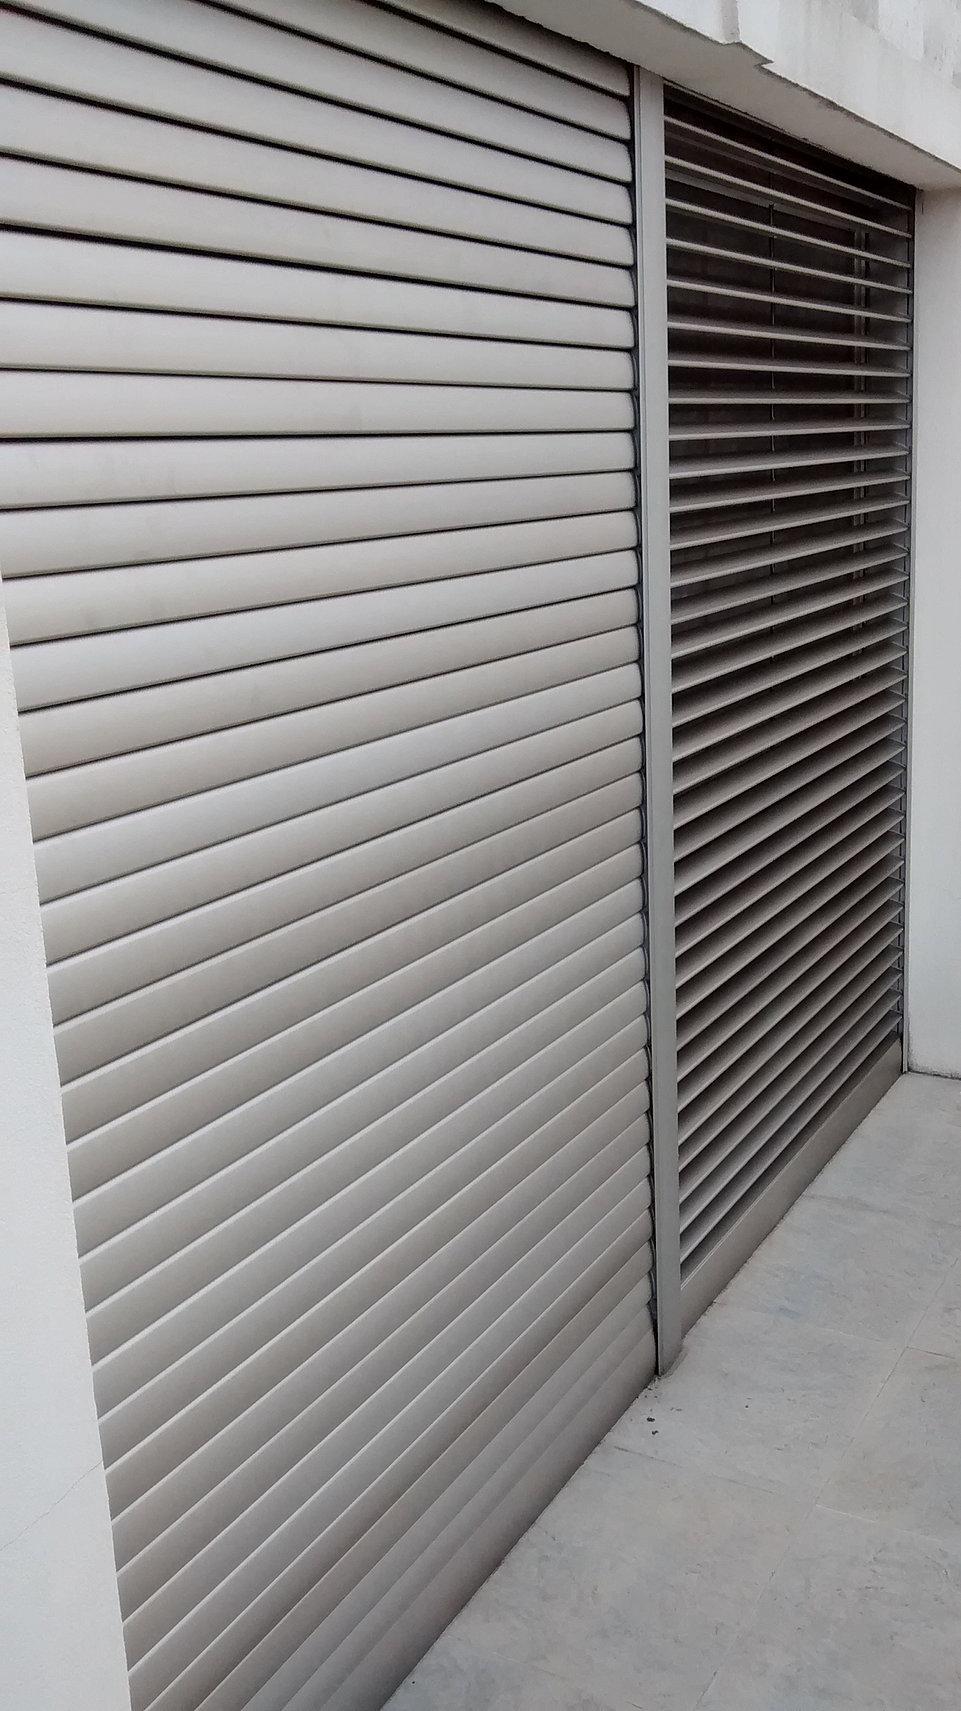 Cortinasmazzeo persianas de aluminio cortinas de enrollar - Percianas de aluminio ...